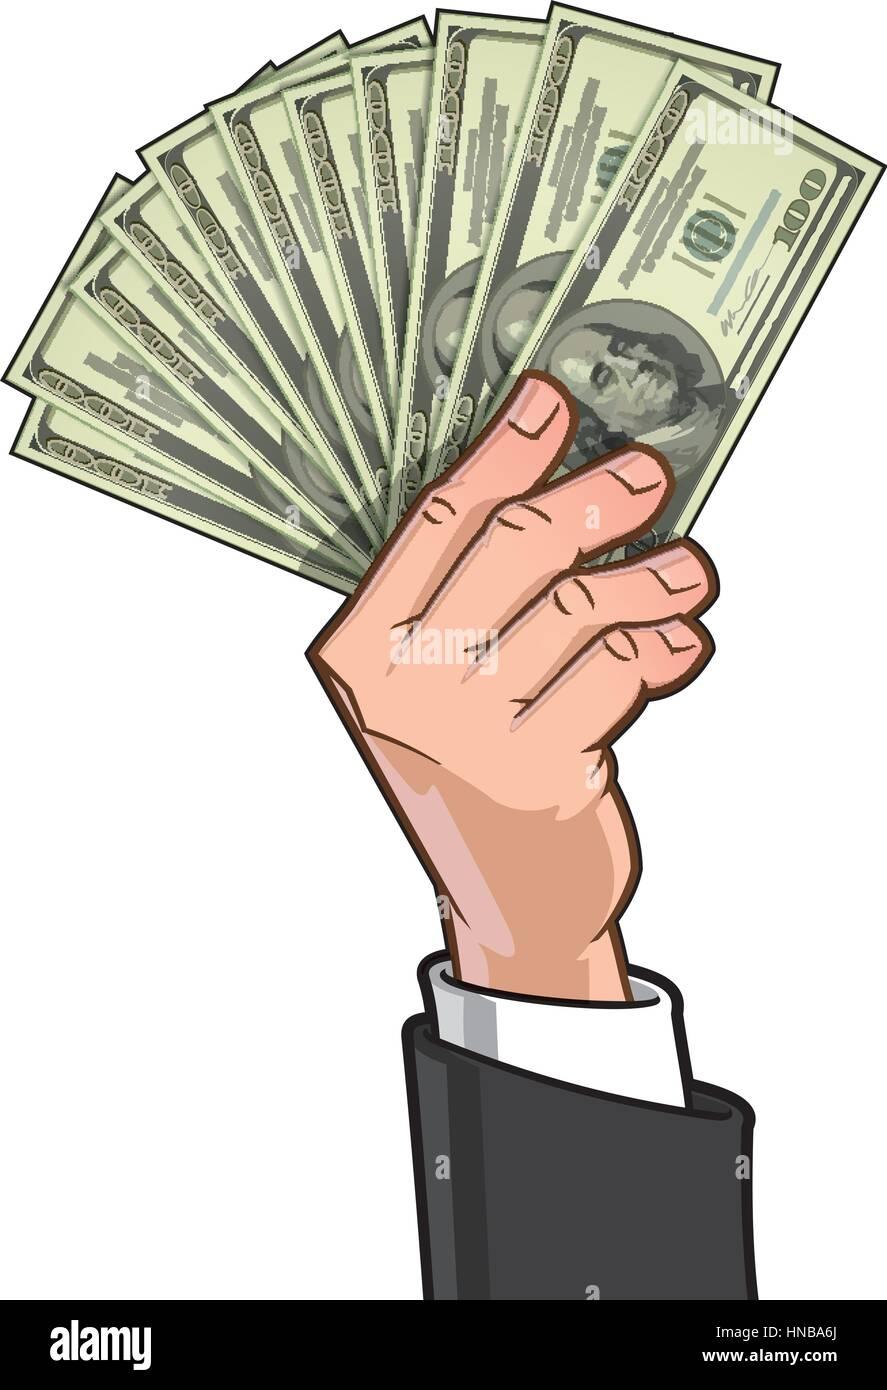 Vector illustration of a businessman's hand showing ten hundred-dollar bills. - Stock Vector